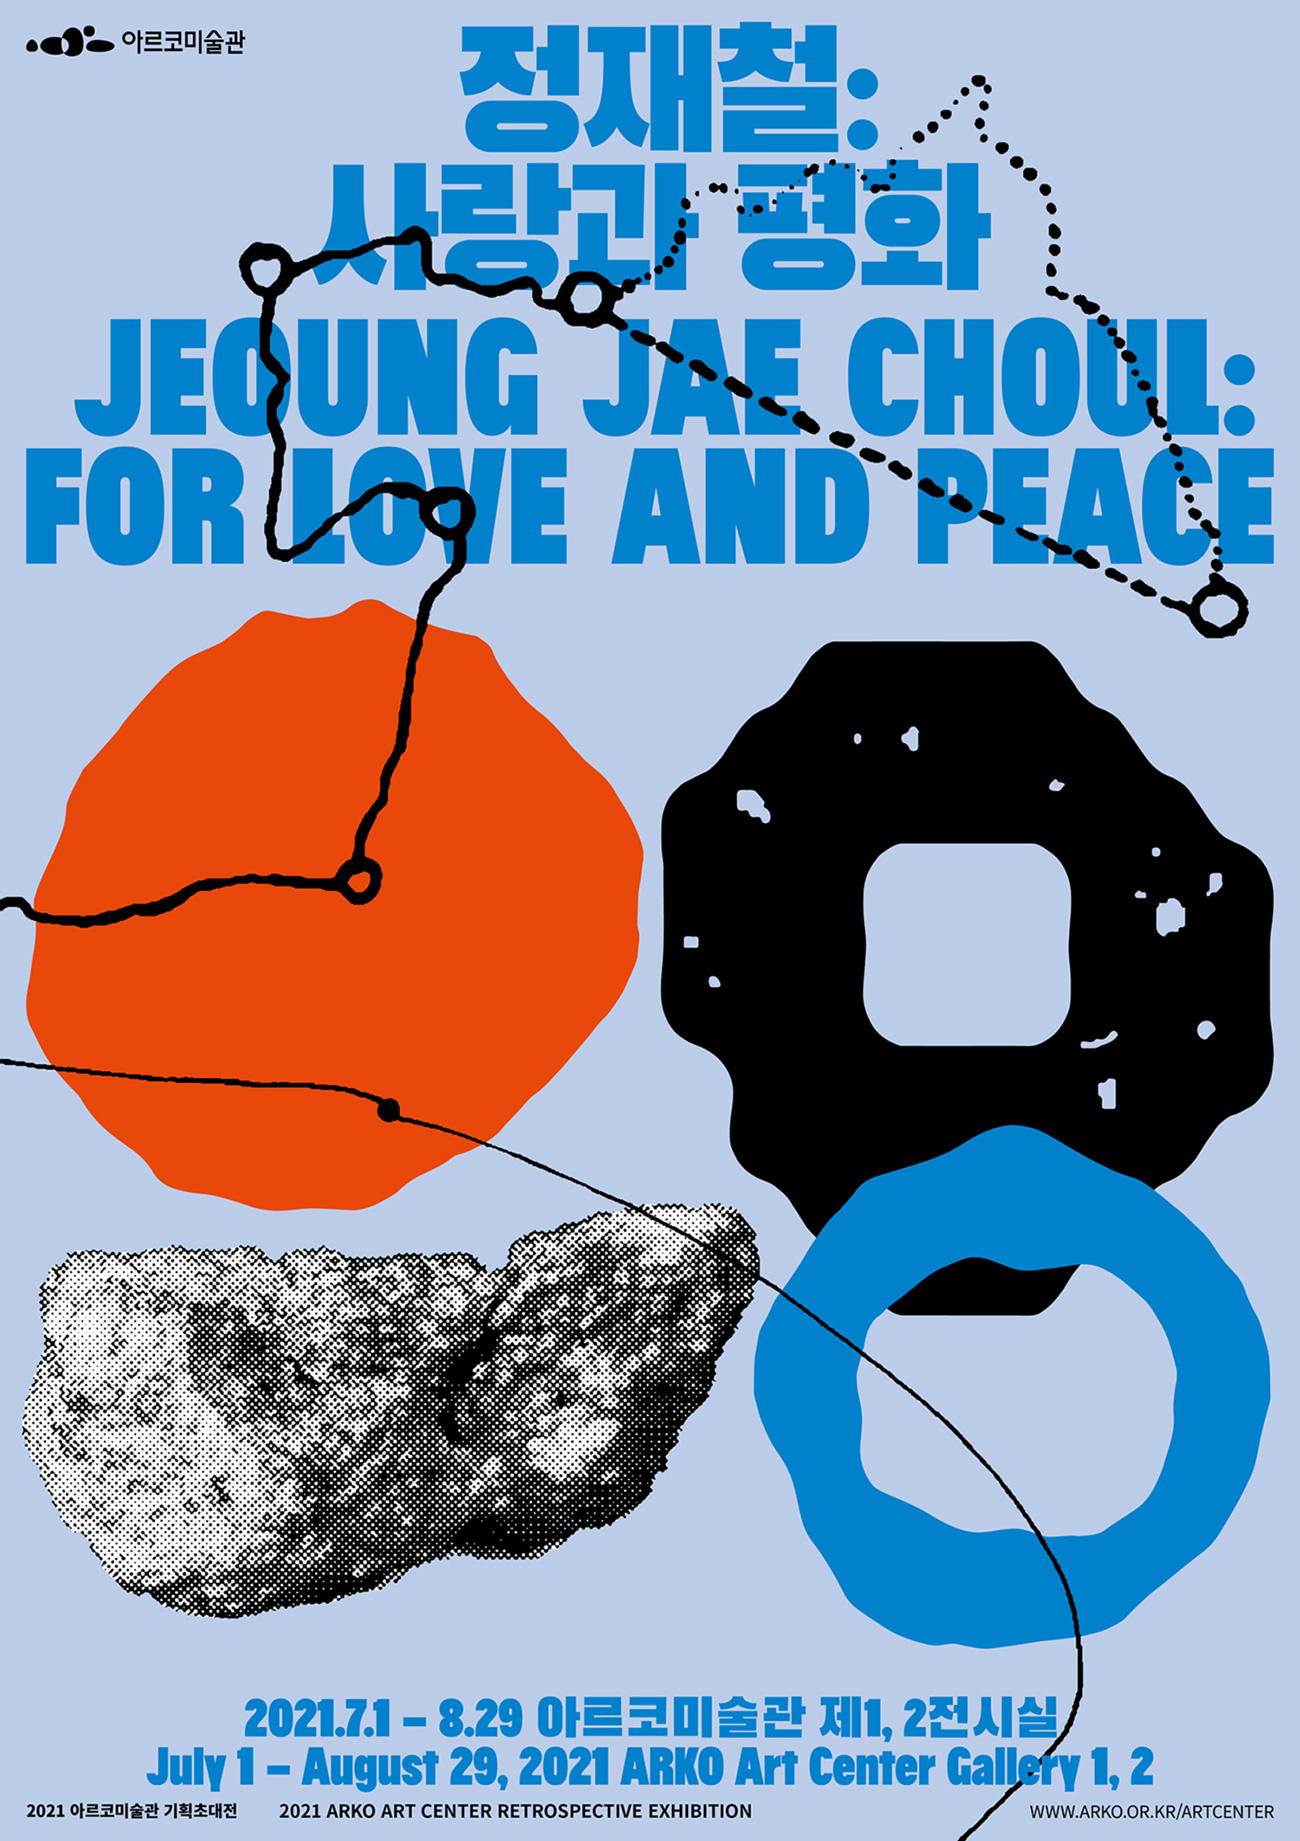 정재철: 사랑과 평화(2021년7월1일~8월29일 아르코미술관 제1,2전시실) 2021년 아르코미술관 기획초대전